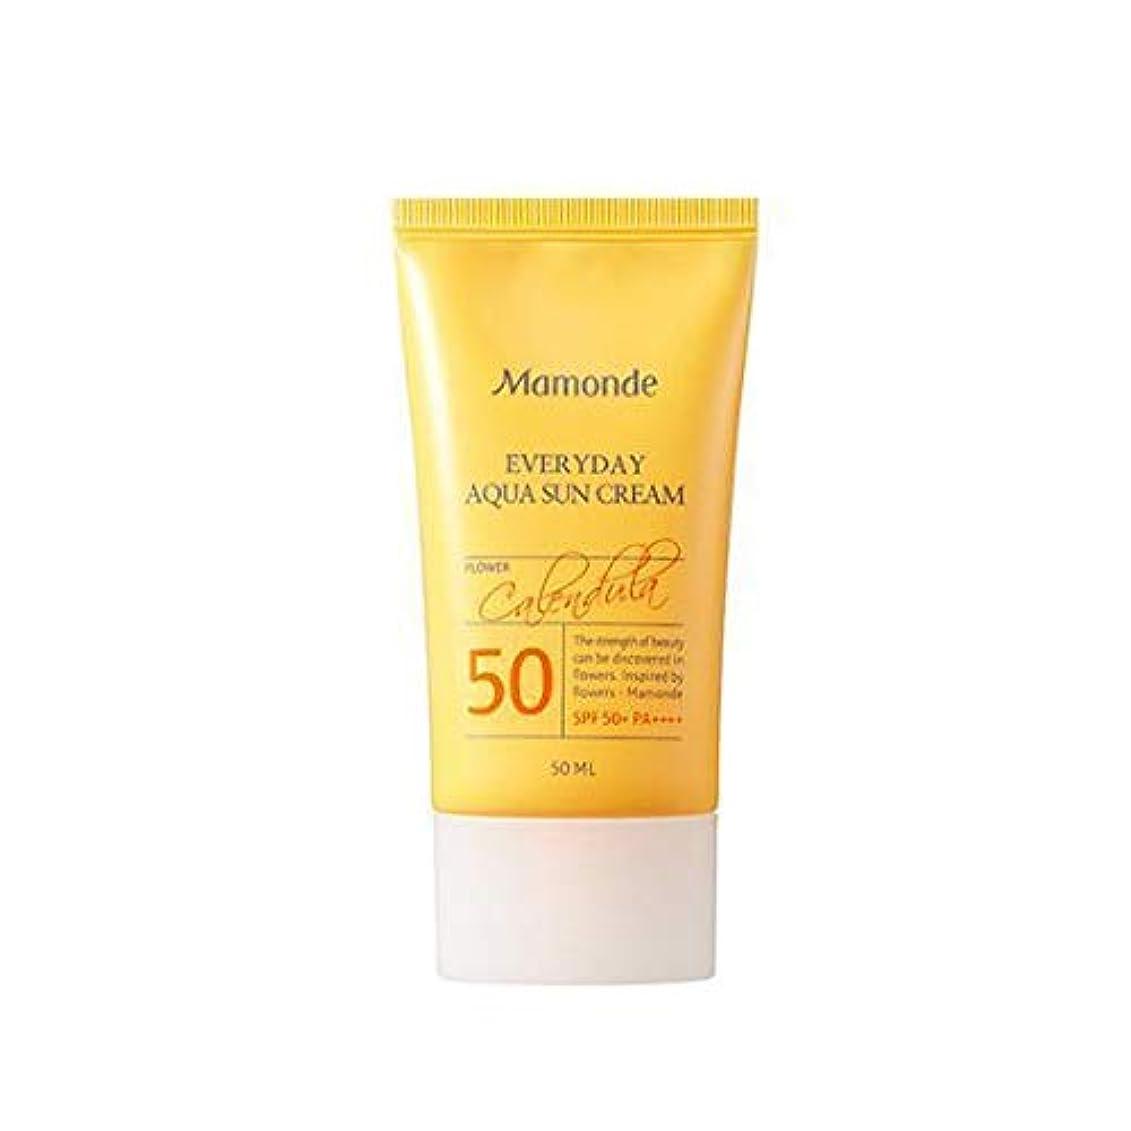 線形矢独立したMAMONDE マモンド エブリデイアクアサンクリーム (50ml),SPF50+PA++++ Everyday Aqua Sun Cream 韓国日焼け止め